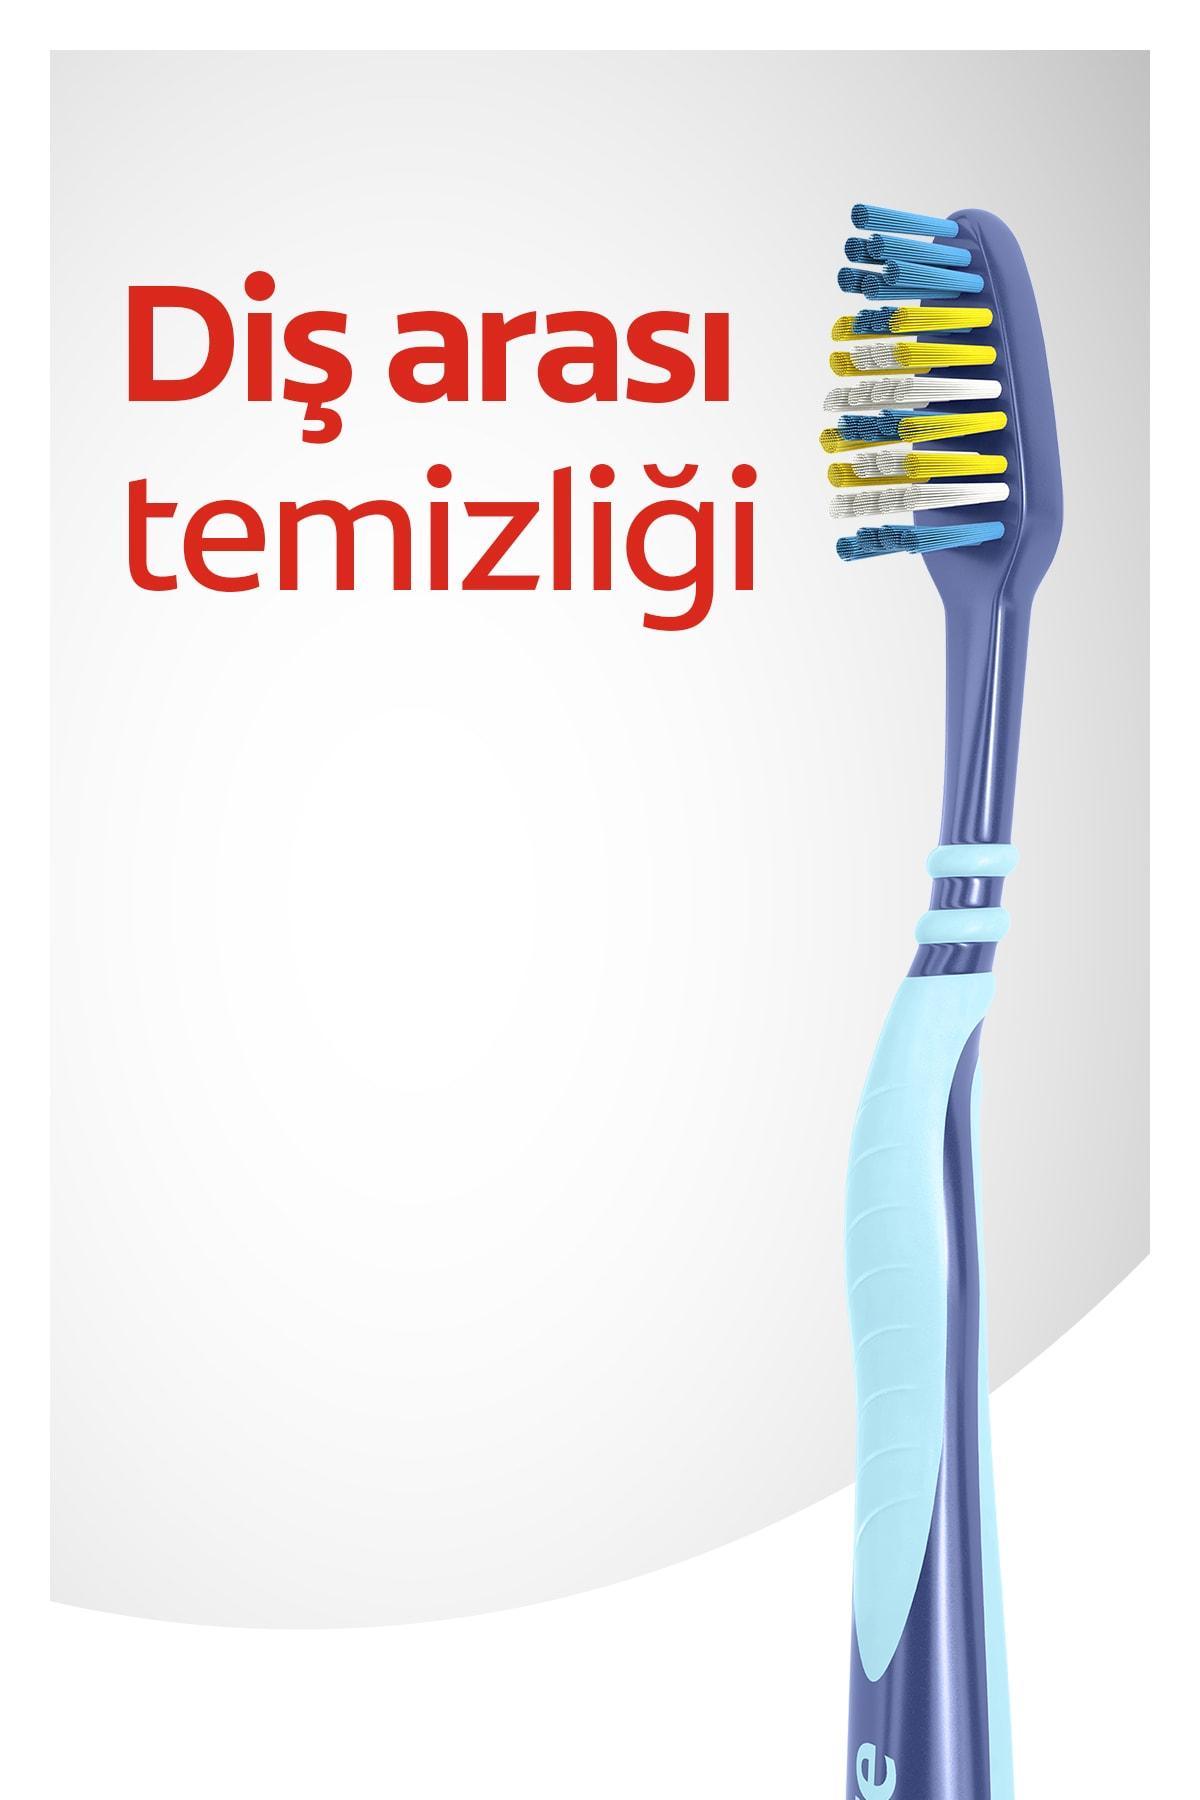 Colgate ZigZag Diş Arası Temizliği Orta Diş Fırçası 1+1 2